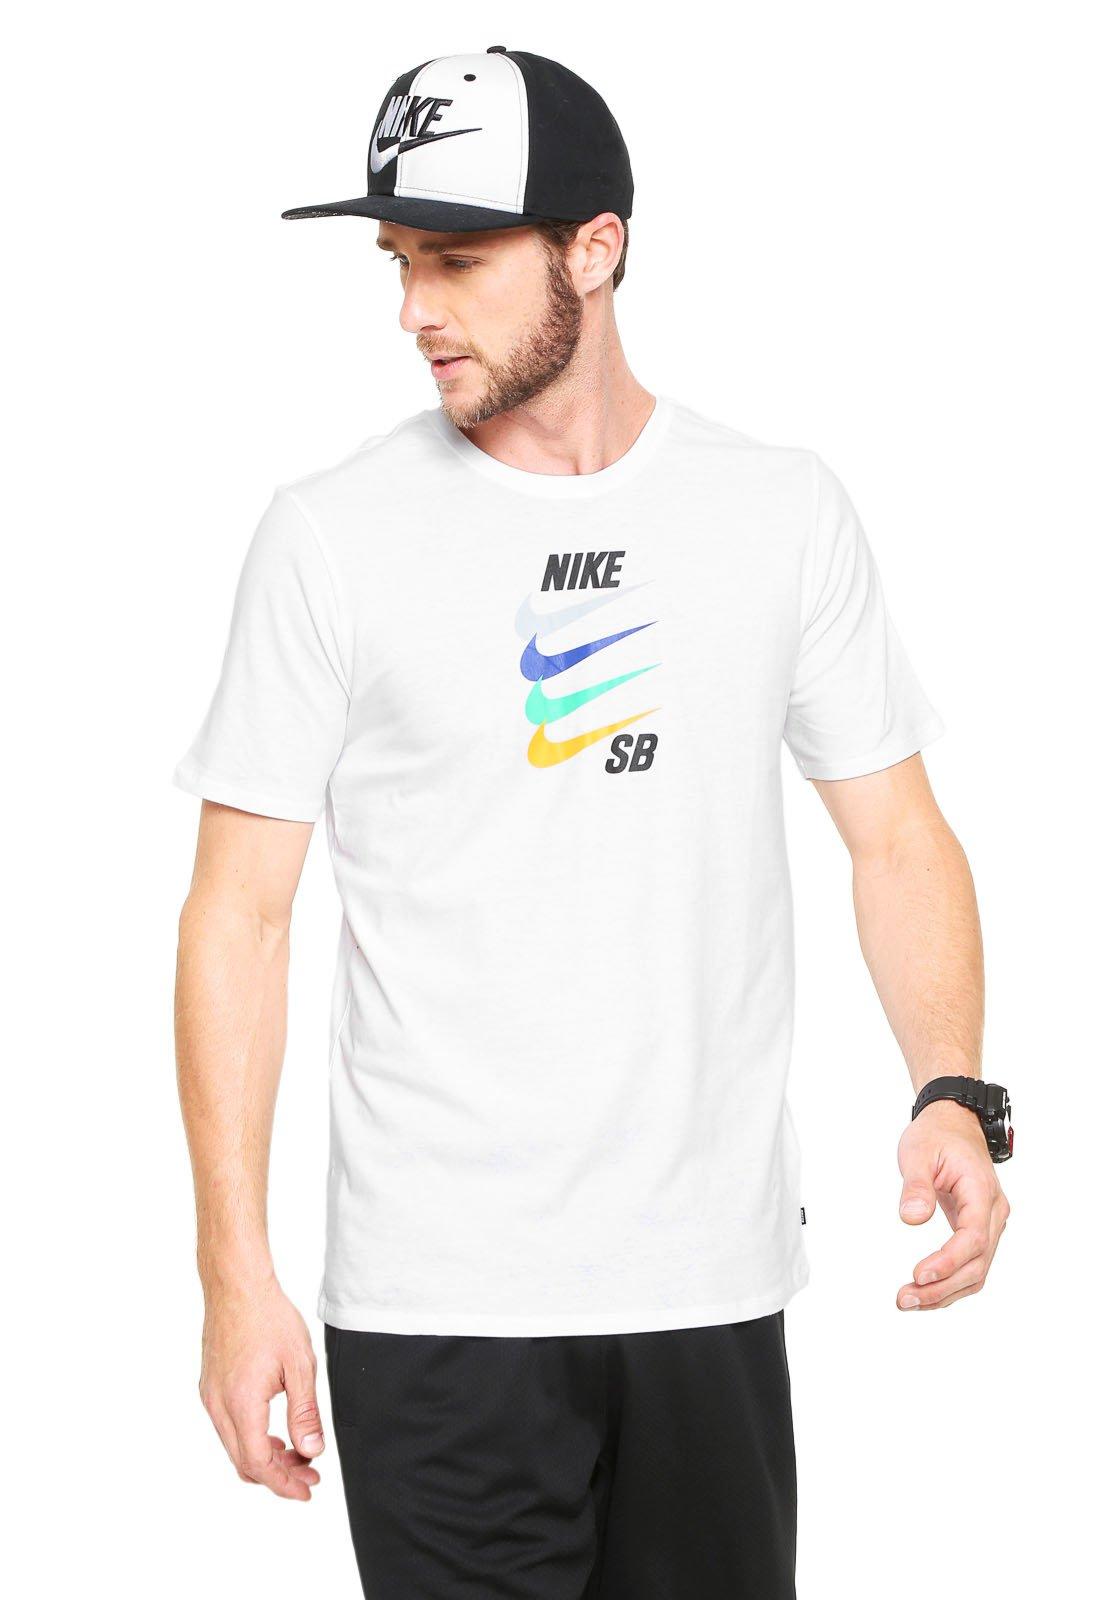 nuevo estilo y lujo últimos lanzamientos proveedor oficial Camiseta Nike SB Futura Branca - Compre Agora | Kanui Brasil